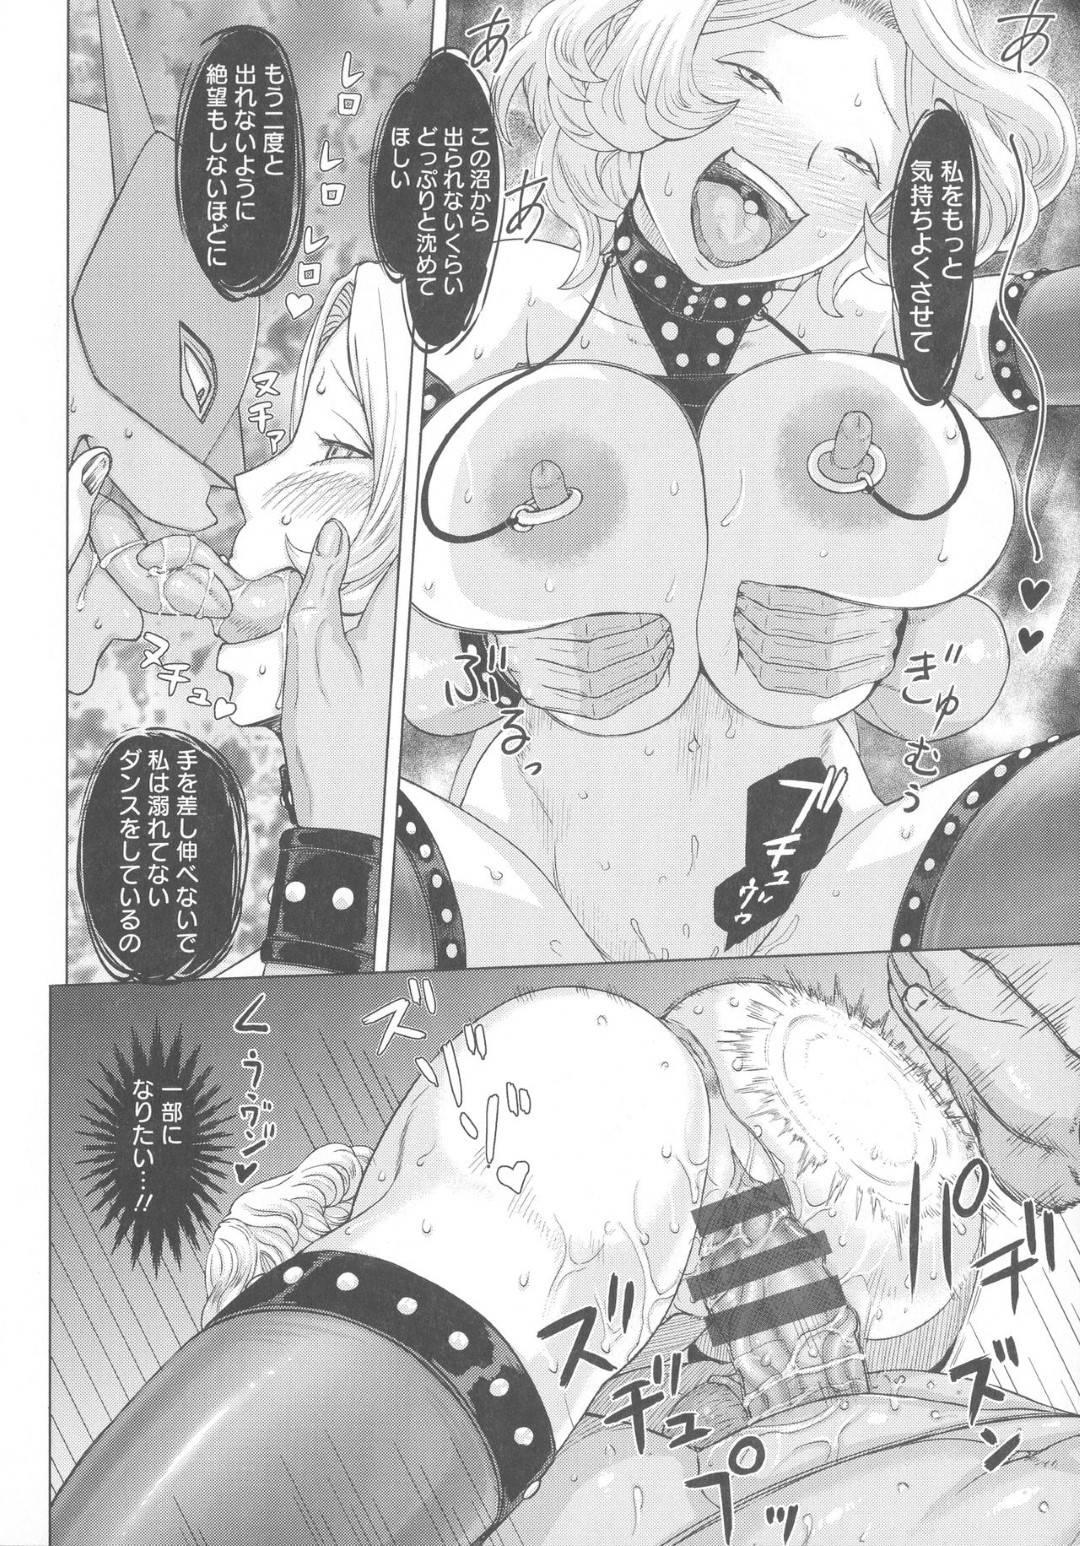 【エロ漫画】特殊性癖な彼女に拘束された上監禁されてしまった主人公…彼女は彼に強制手コキで射精させたり、他の淫乱女性達にアナルを責められたりと逆レイプを受ける。【まじろー:KAIKO】